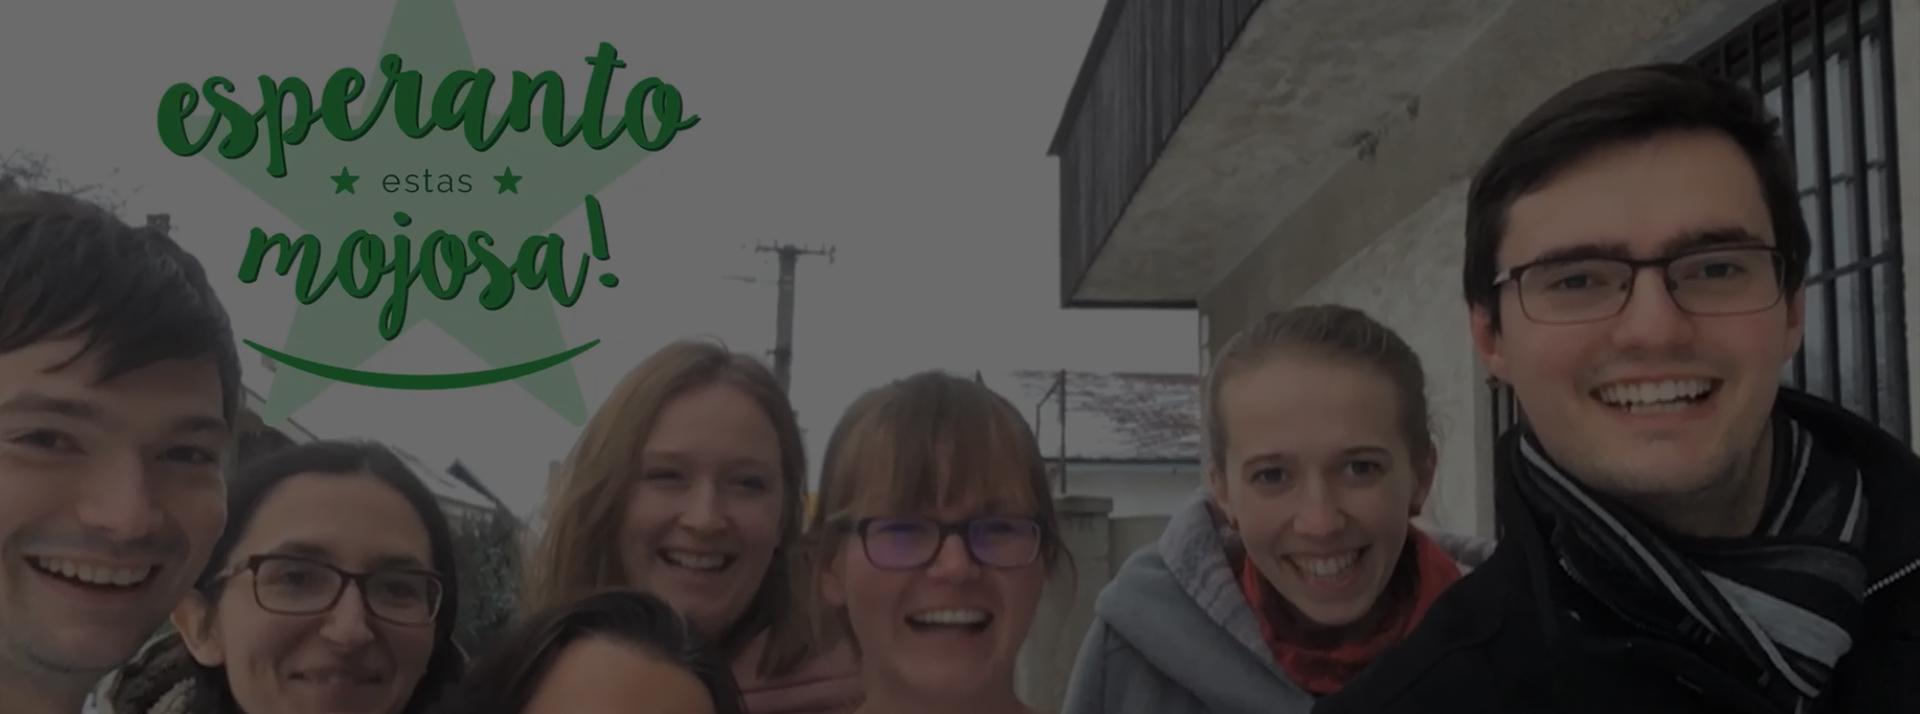 Esperanto estas mojosa!